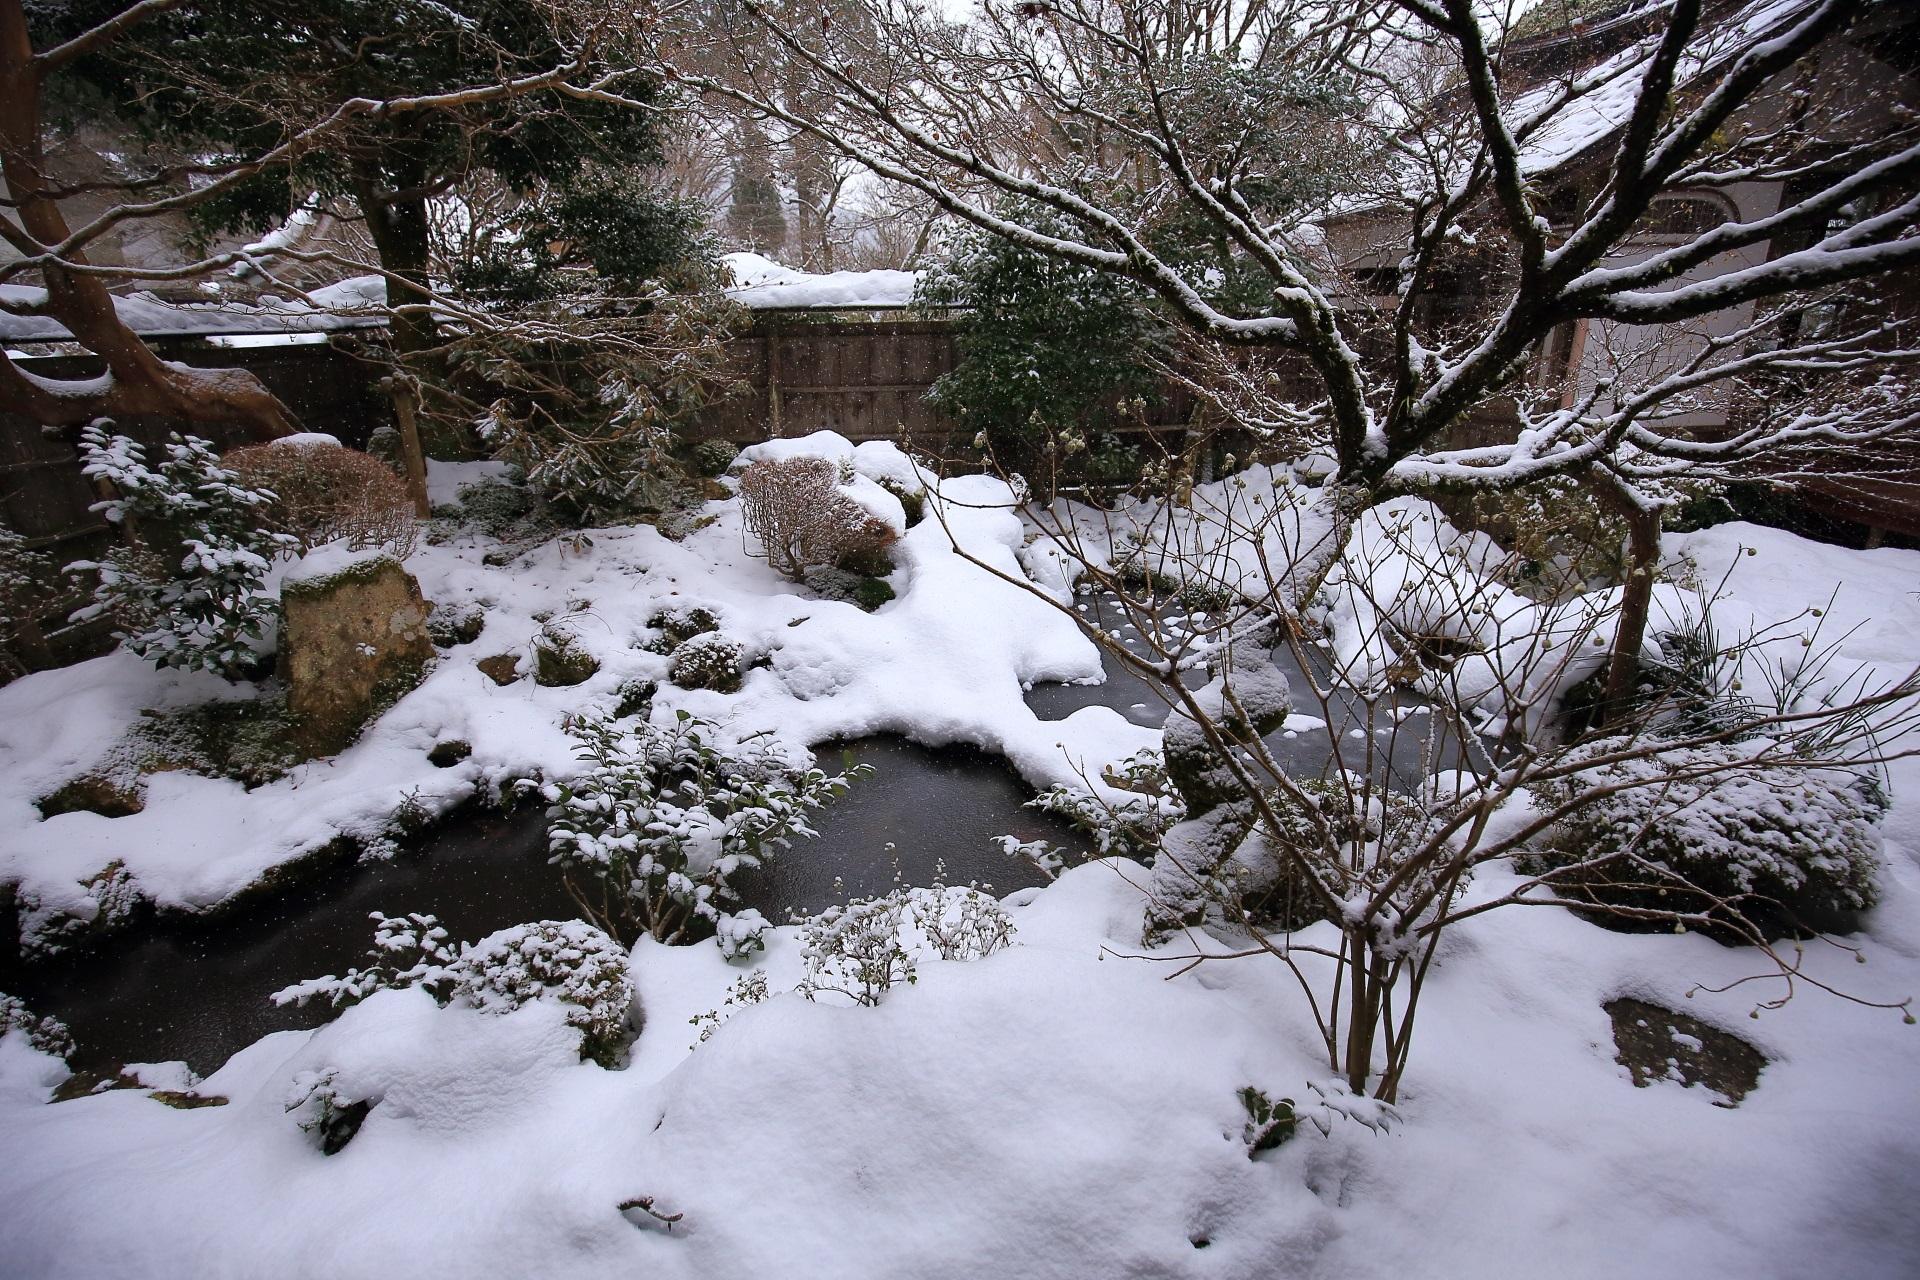 一気に雪が積もった大原の宝泉院(ほうせんいん)